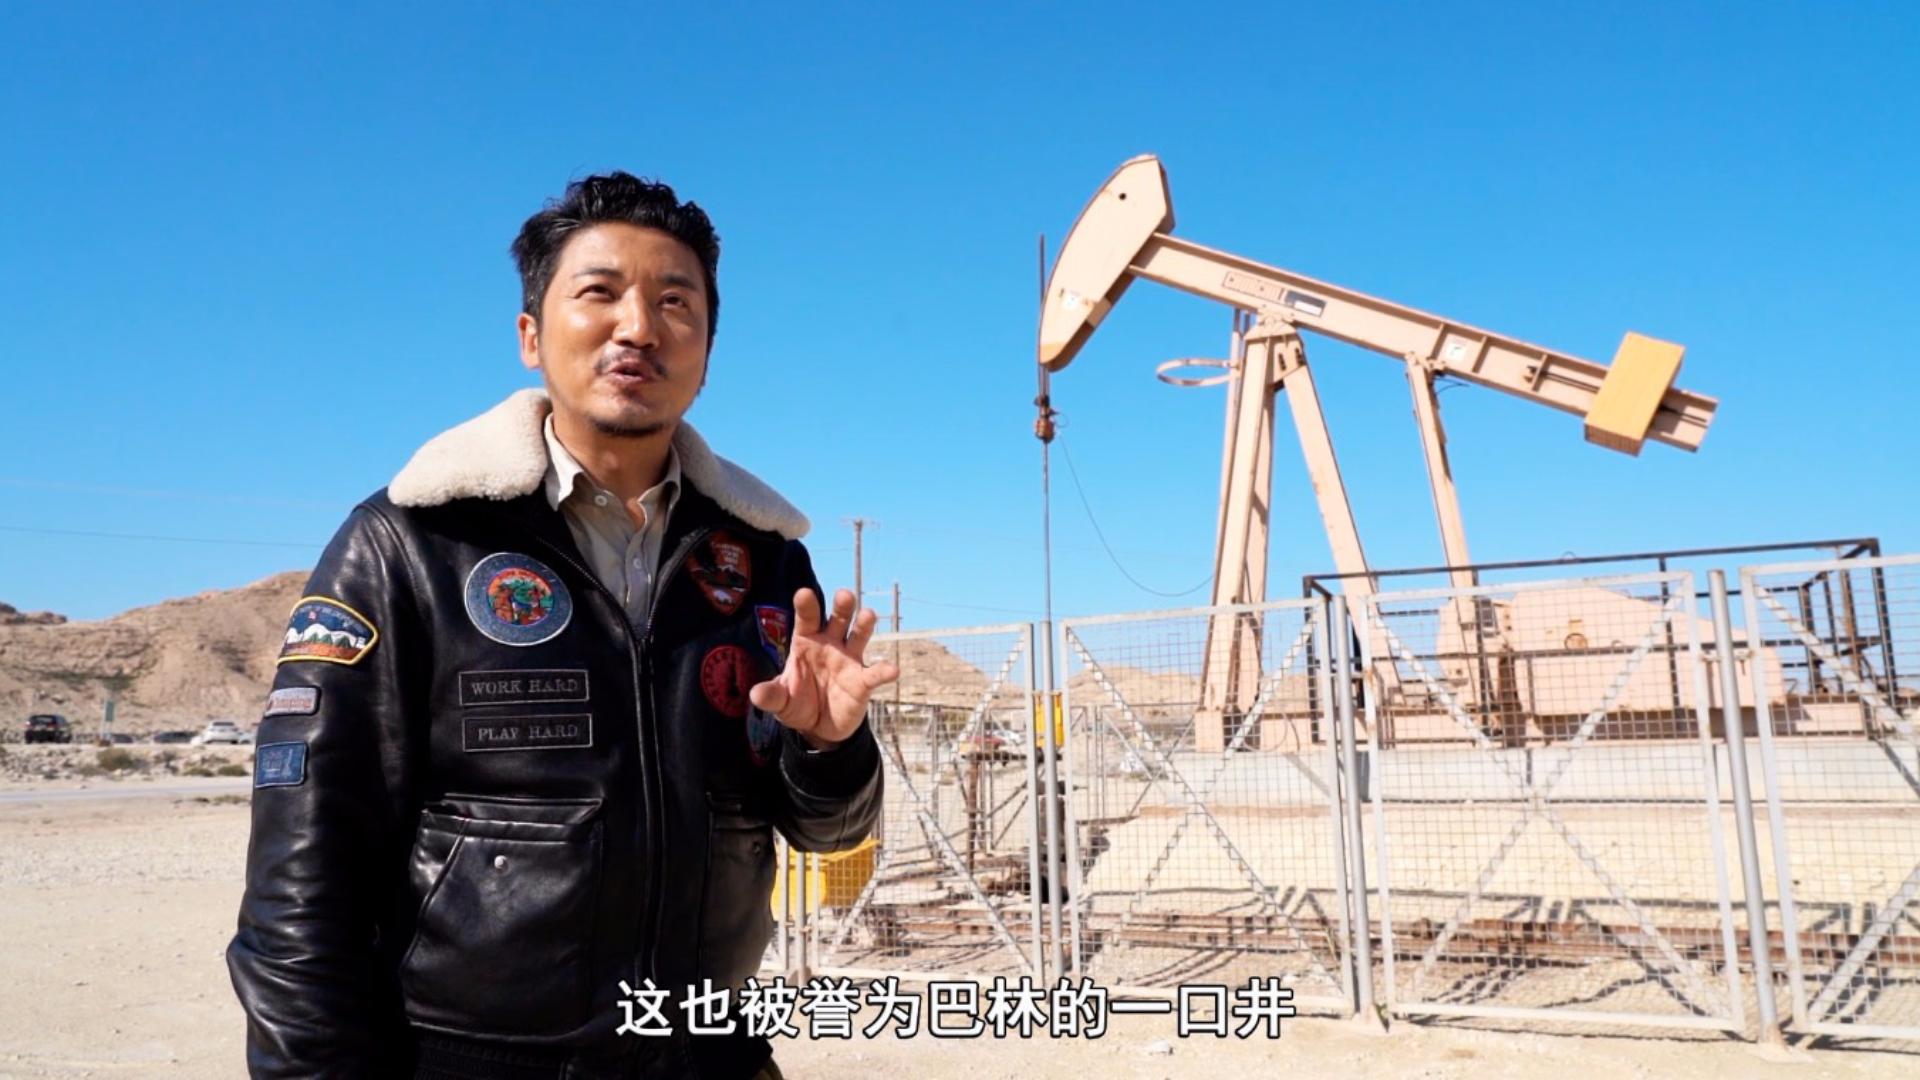 国土比县城还小,发现中东第一口油井,神秘的中东岛国巴林